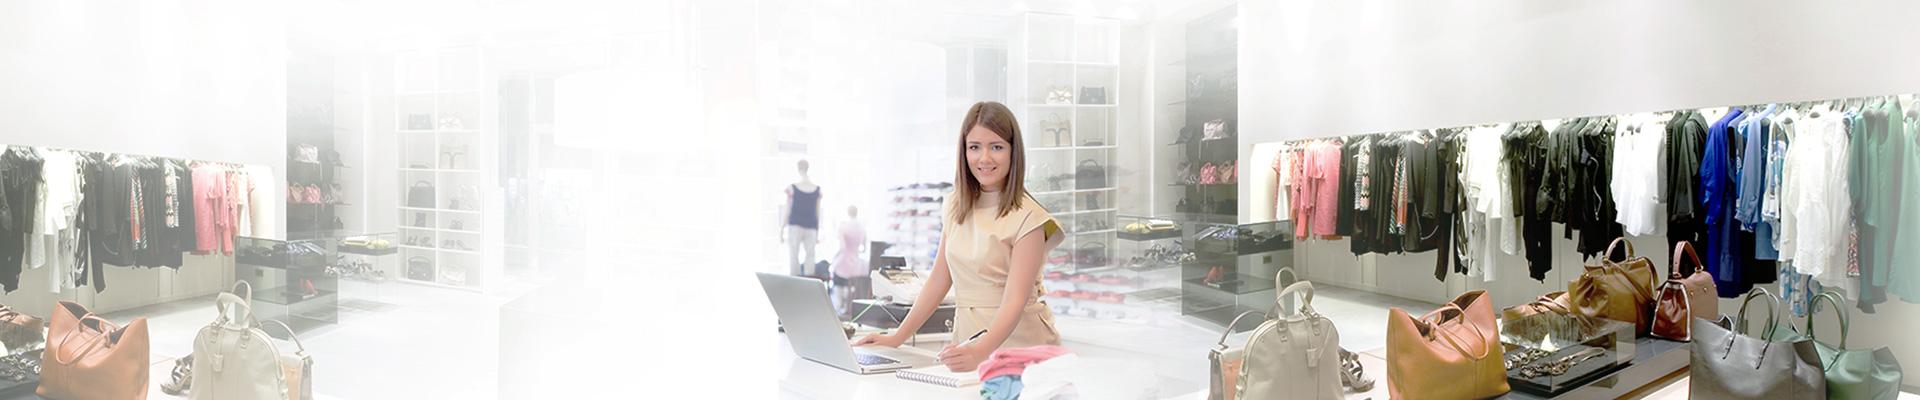 store-consumer-goods-retail.jpg